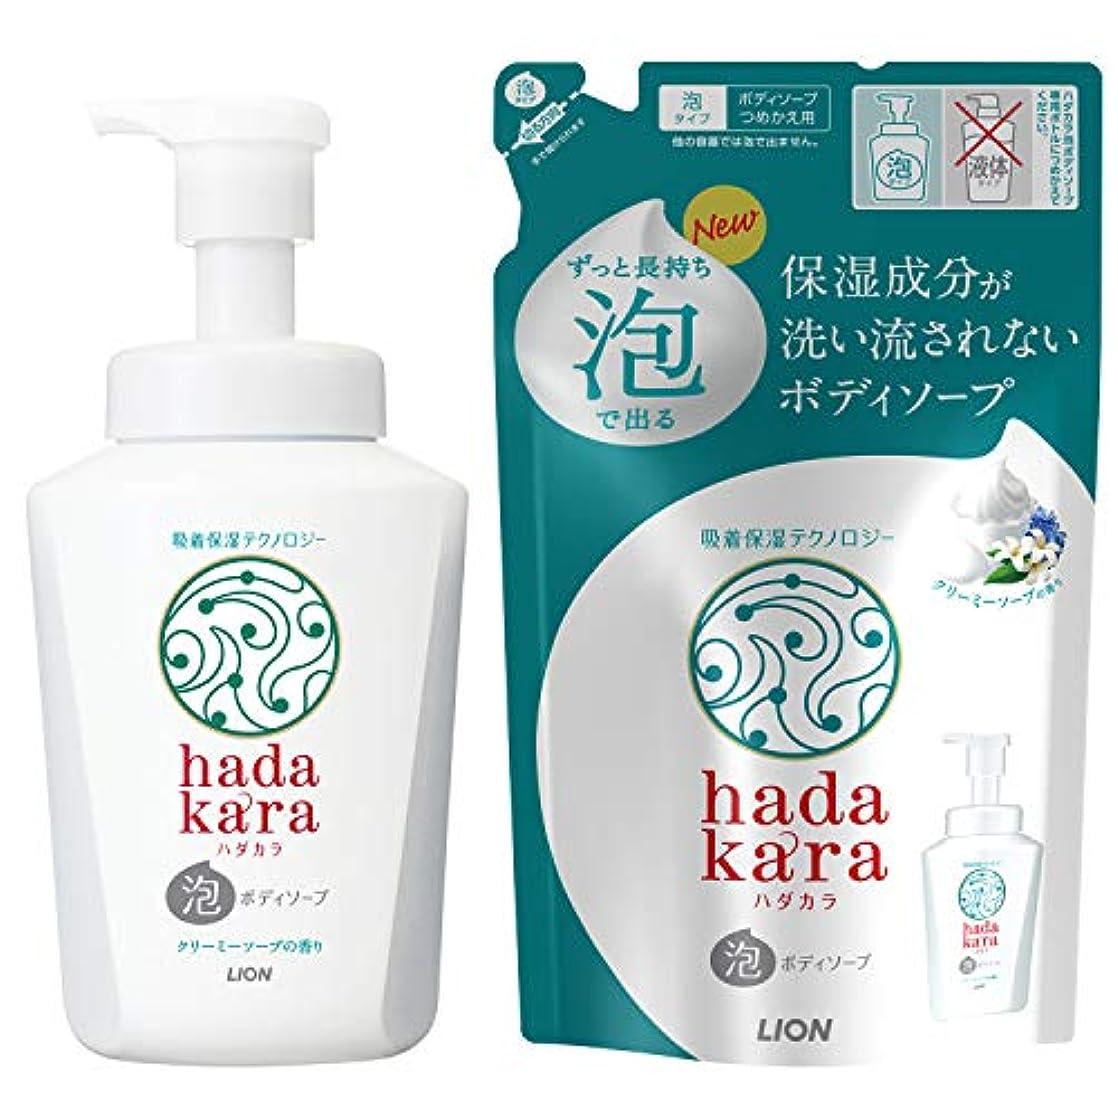 食堂望み温かいhadakara(ハダカラ) ボディソープ 泡タイプ クリーミーソープの香り 本体550ml+詰替440ml 1